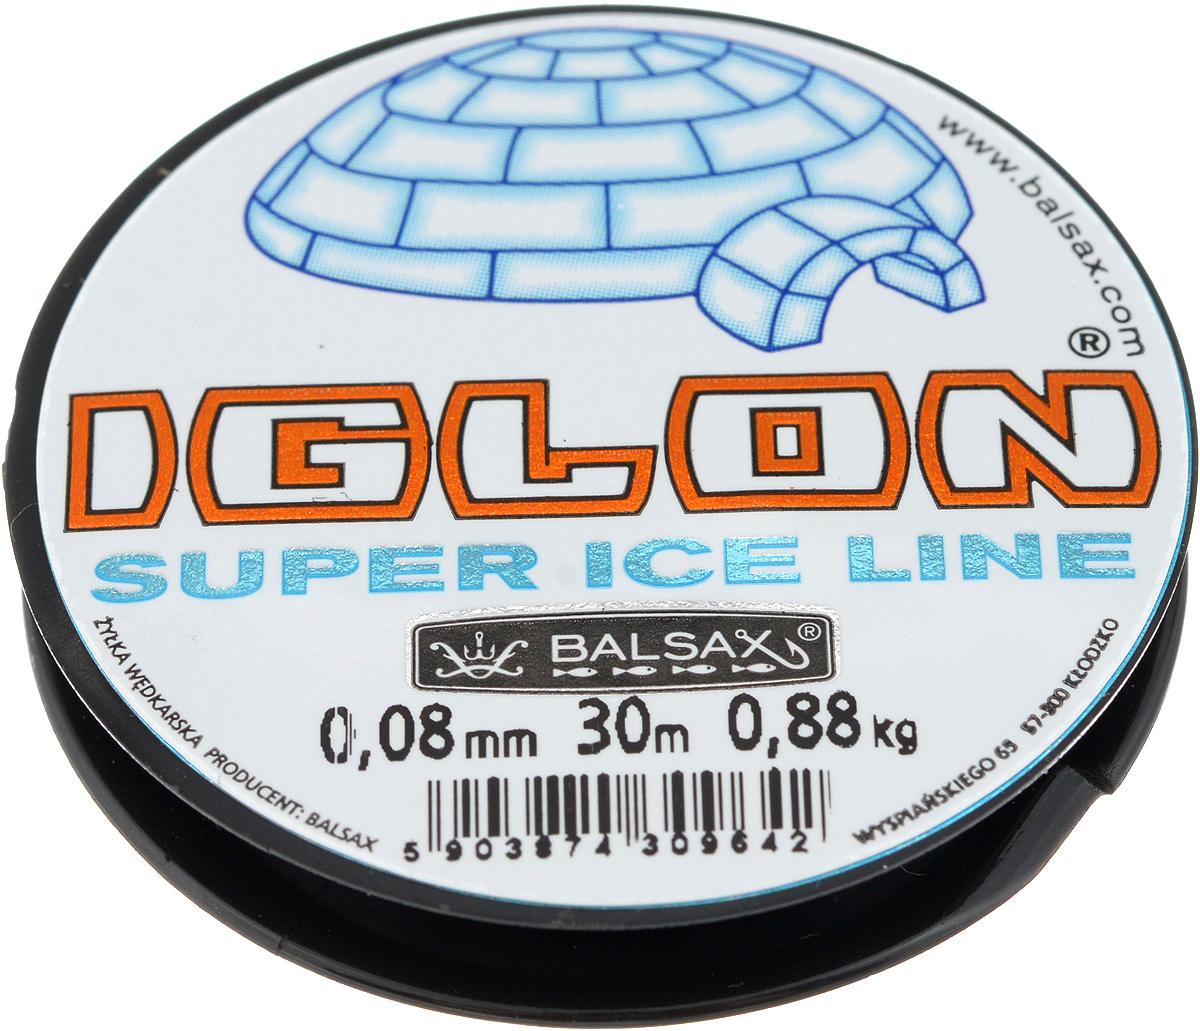 Леска зимняя Balsax Iglon, 30 м, 0,08 мм, 0,88 кг312-06008Леска Balsax Iglon изготовлена из 100% нейлона и очень хорошо выдерживает низкие температуры. Даже в самом холодном климате, при температуре вплоть до -40°C, она сохраняет свои свойства практически без изменений, в то время как традиционные лески становятся менее эластичными и теряют прочность. Поверхность лески обработана таким образом, что она не обмерзает и отлично подходит для подледного лова. Прочна в местах вязки узлов даже при минимальном диаметре.